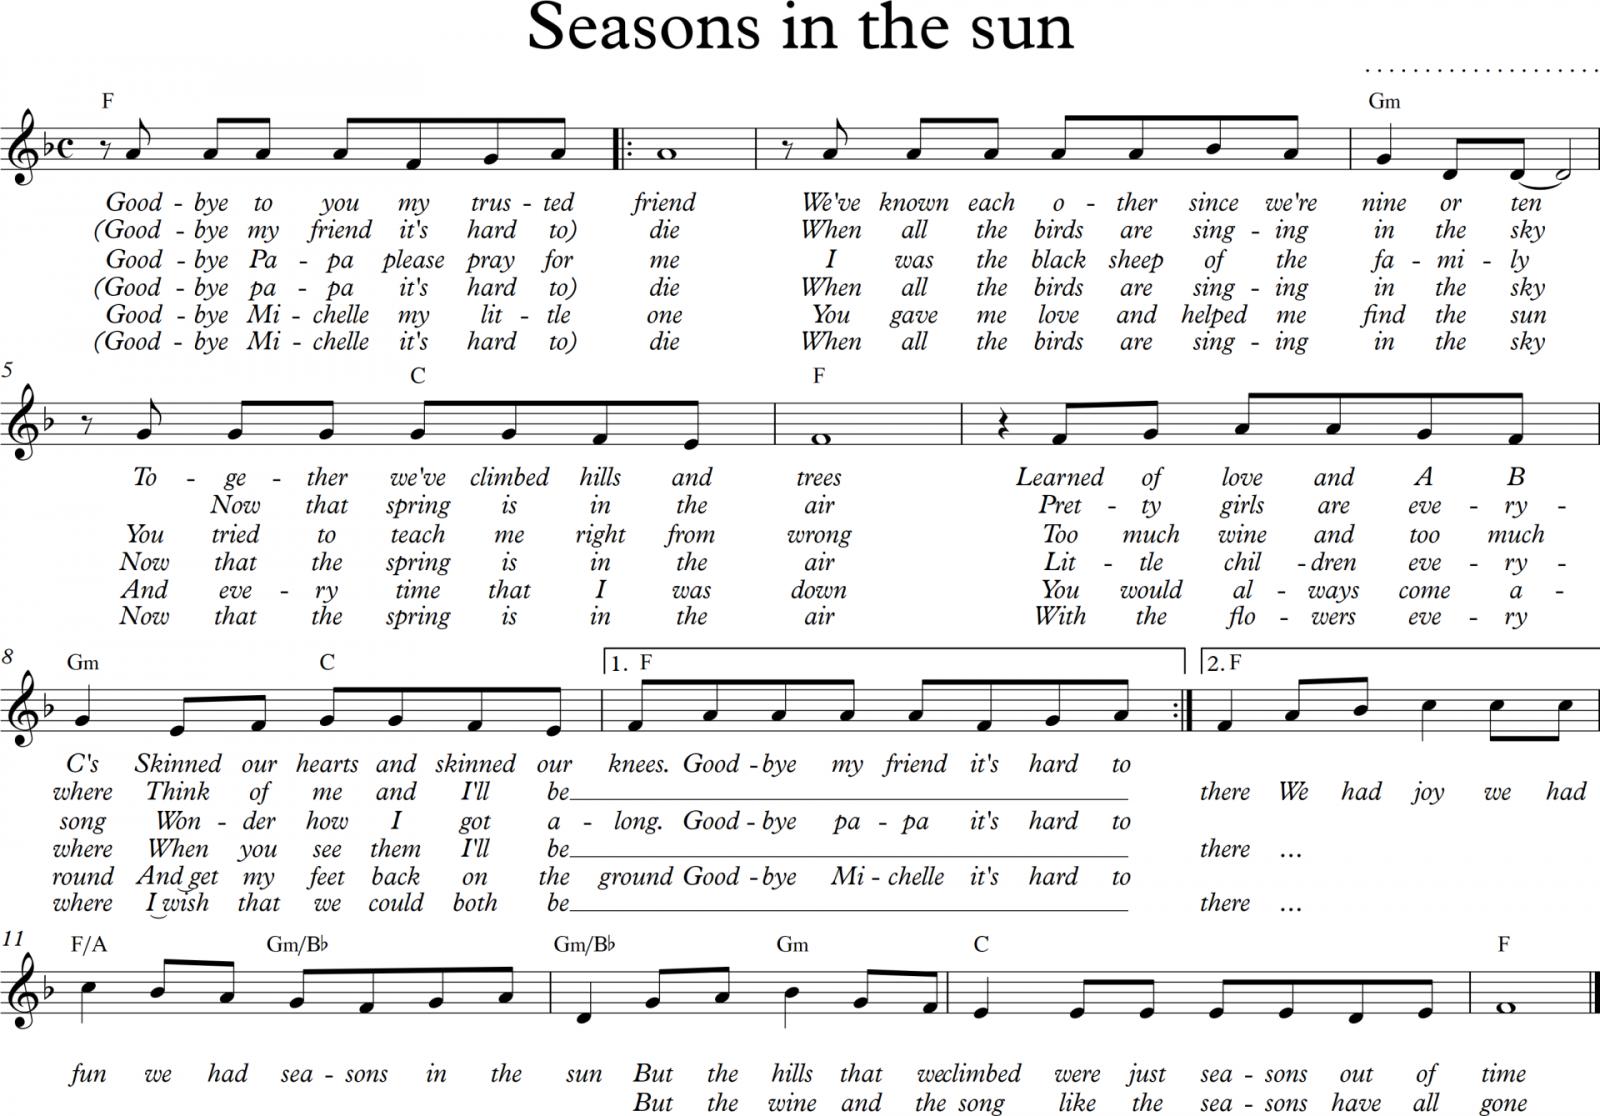 Sheet nhạc bài hát seasons in the sun